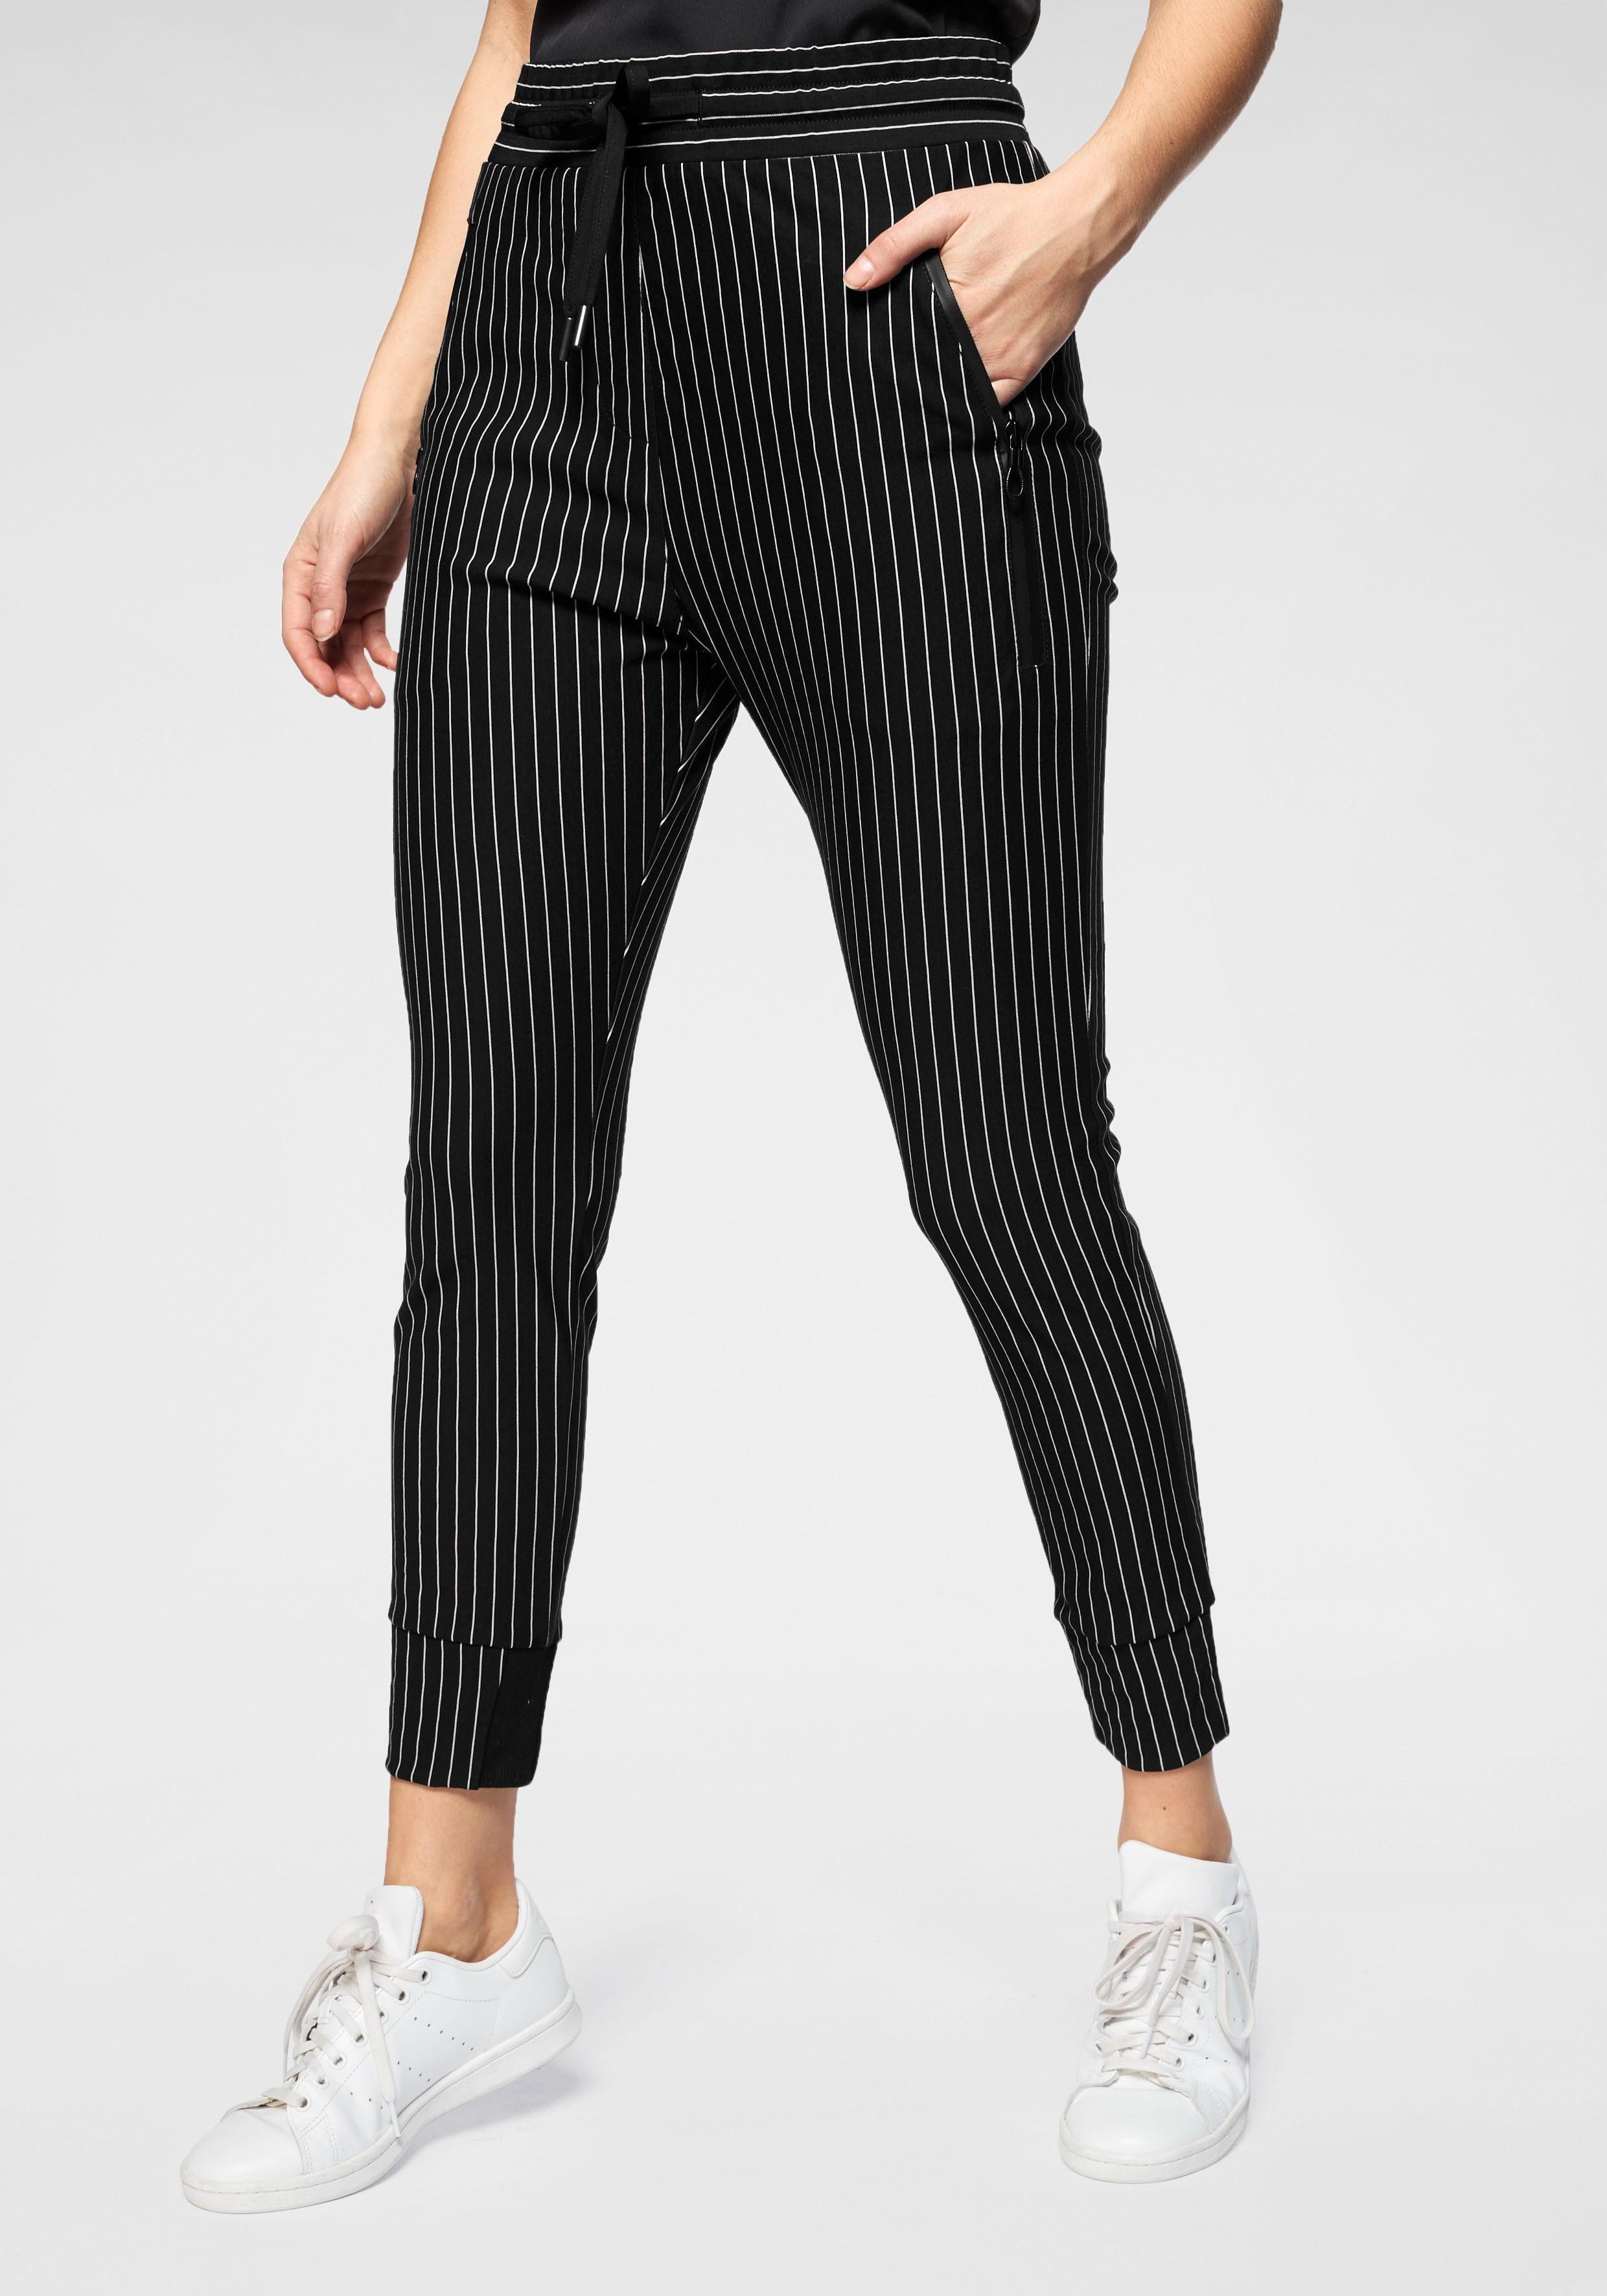 Gummizug KaufenOtto In Pants Designs Mit Elegante Online Zippertaschenamp; Zhrill Coolen Jogger »fabia« Jogginghose TOZiuPkX